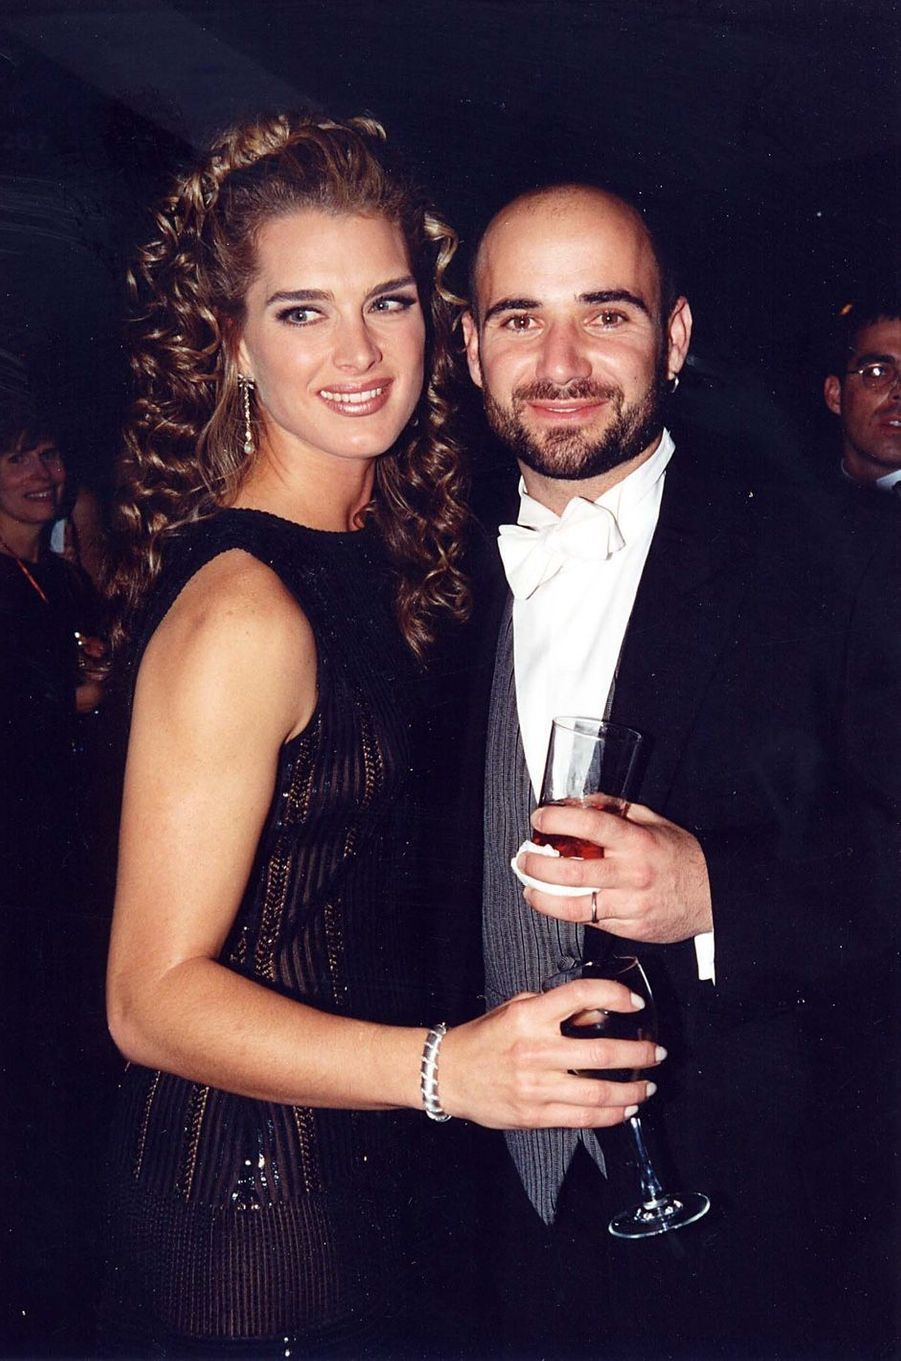 Brooke Shields et Andre Agassi en 1997. Leur relation a duré de 1995 à 1999.